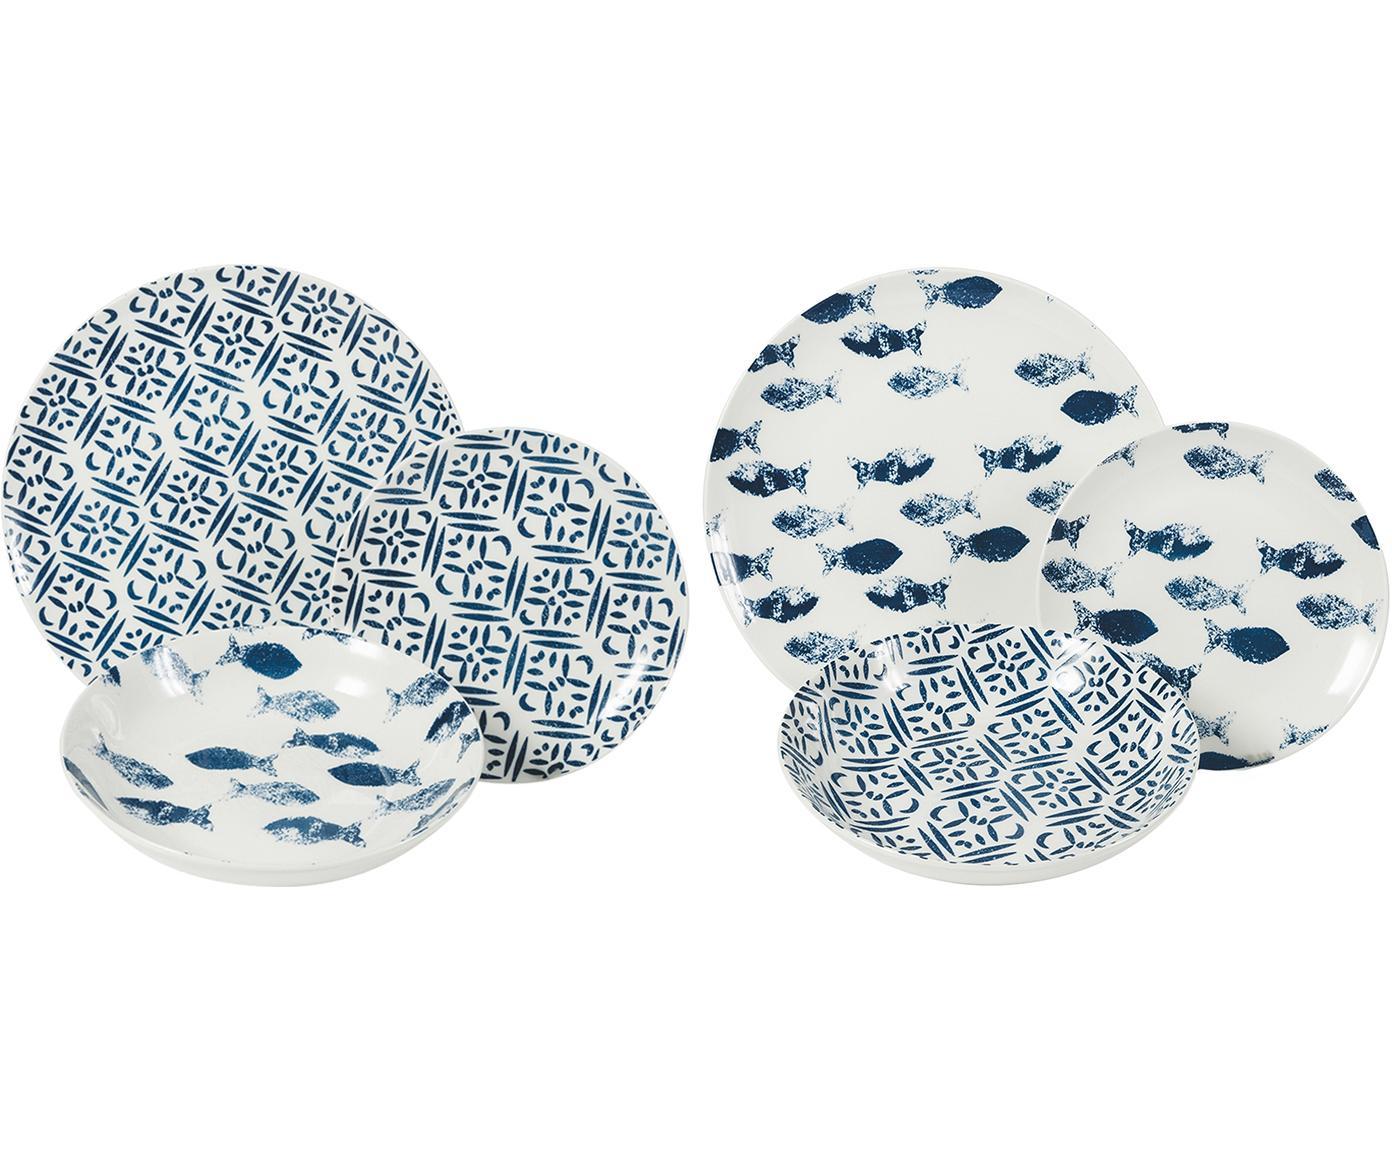 Gemustertes Geschirr-Set Playa in Blau/Weiß, 6 Personen (18-tlg.), Porzellan, Blau, Weiß, Sondergrößen